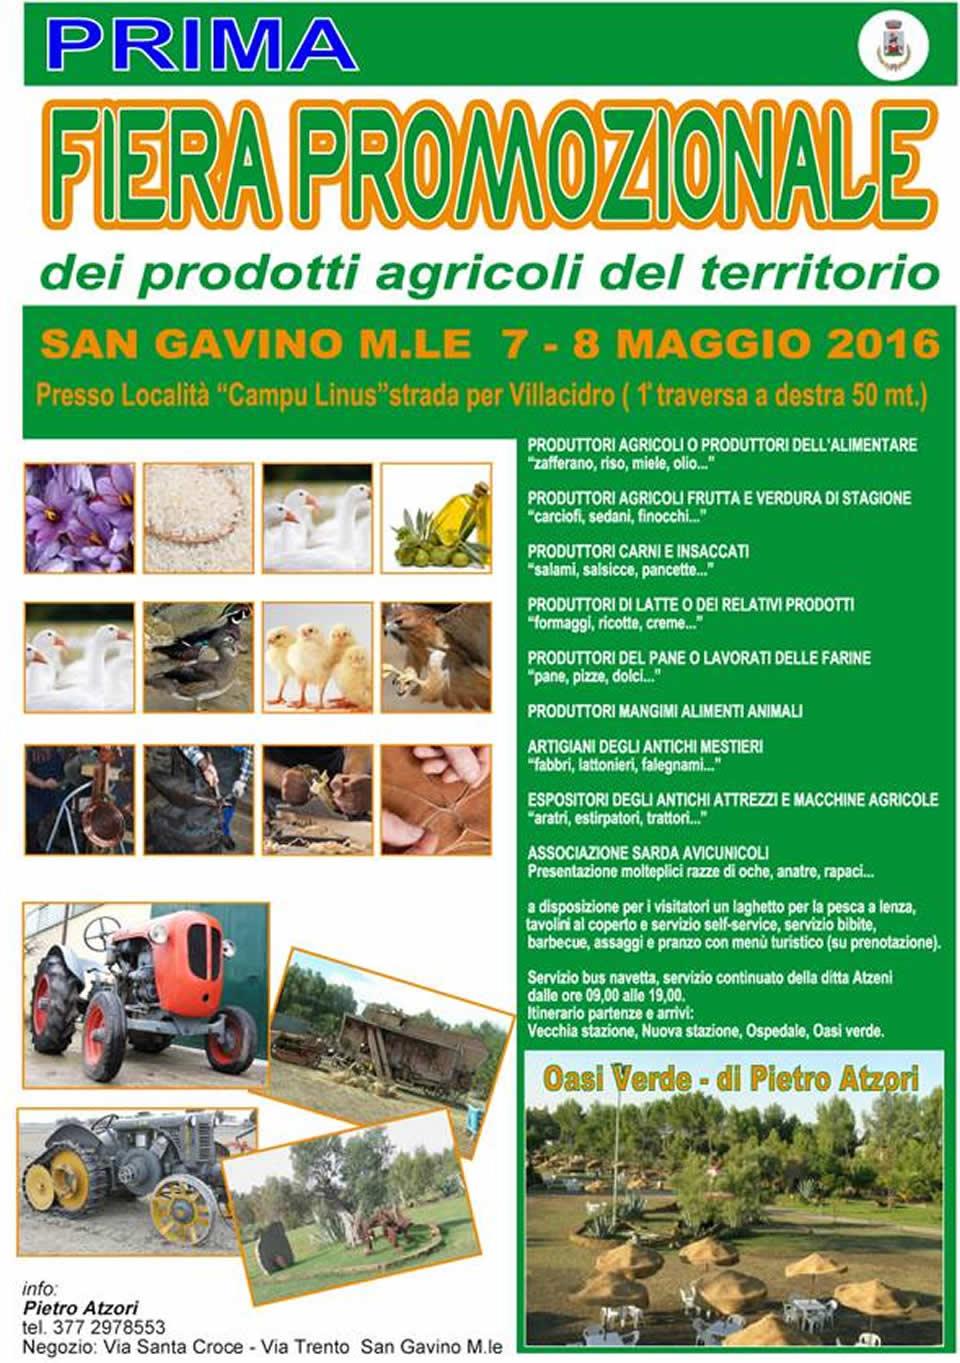 1° Fiera Promozionale dei prodotti agricoli del territorio